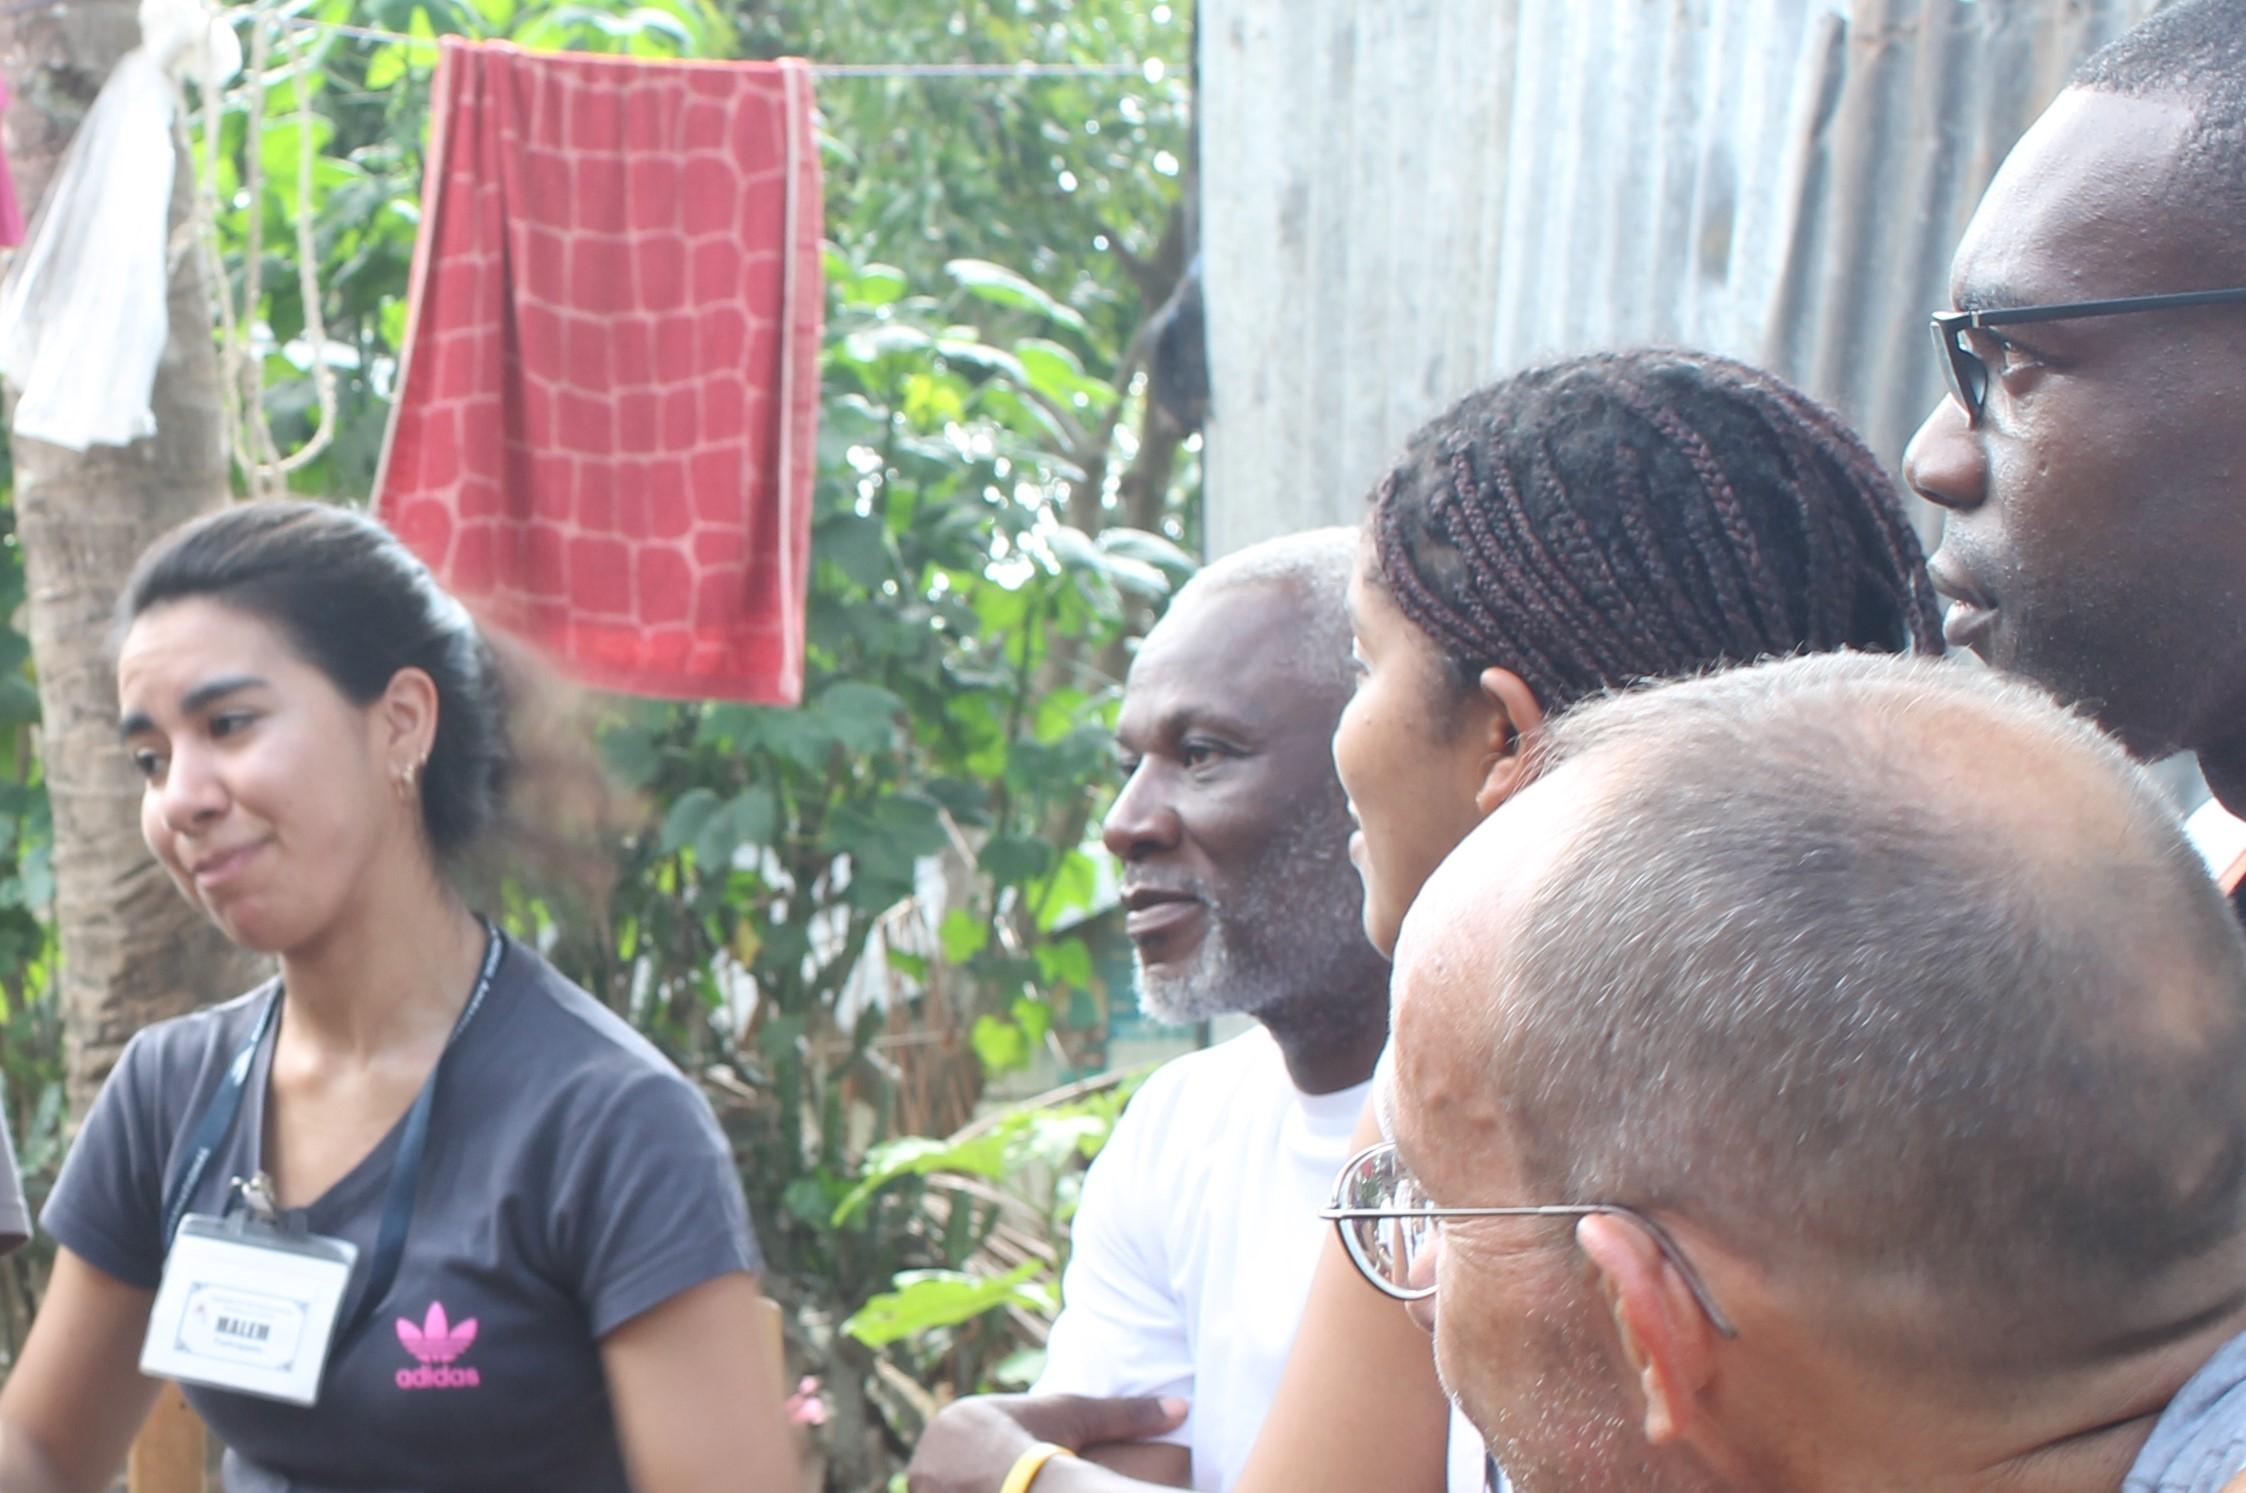 Juan Batista (extremo derecho, detrás de la cabeza de Marcos) y Bellanira Matos (a la izquierda de Juan) ven a una compañera estudiante de Chile (izquierda) llevar a cabo una lección de salud con un grupo de niños que forman parte del Club infantil ECS en Mombin Crochu. Nuestro anfitrión y director del programa de ECS en Haití, Osse Saint-Juste, se encuentra entre Bellanira y la estudiante chilena de ECS.